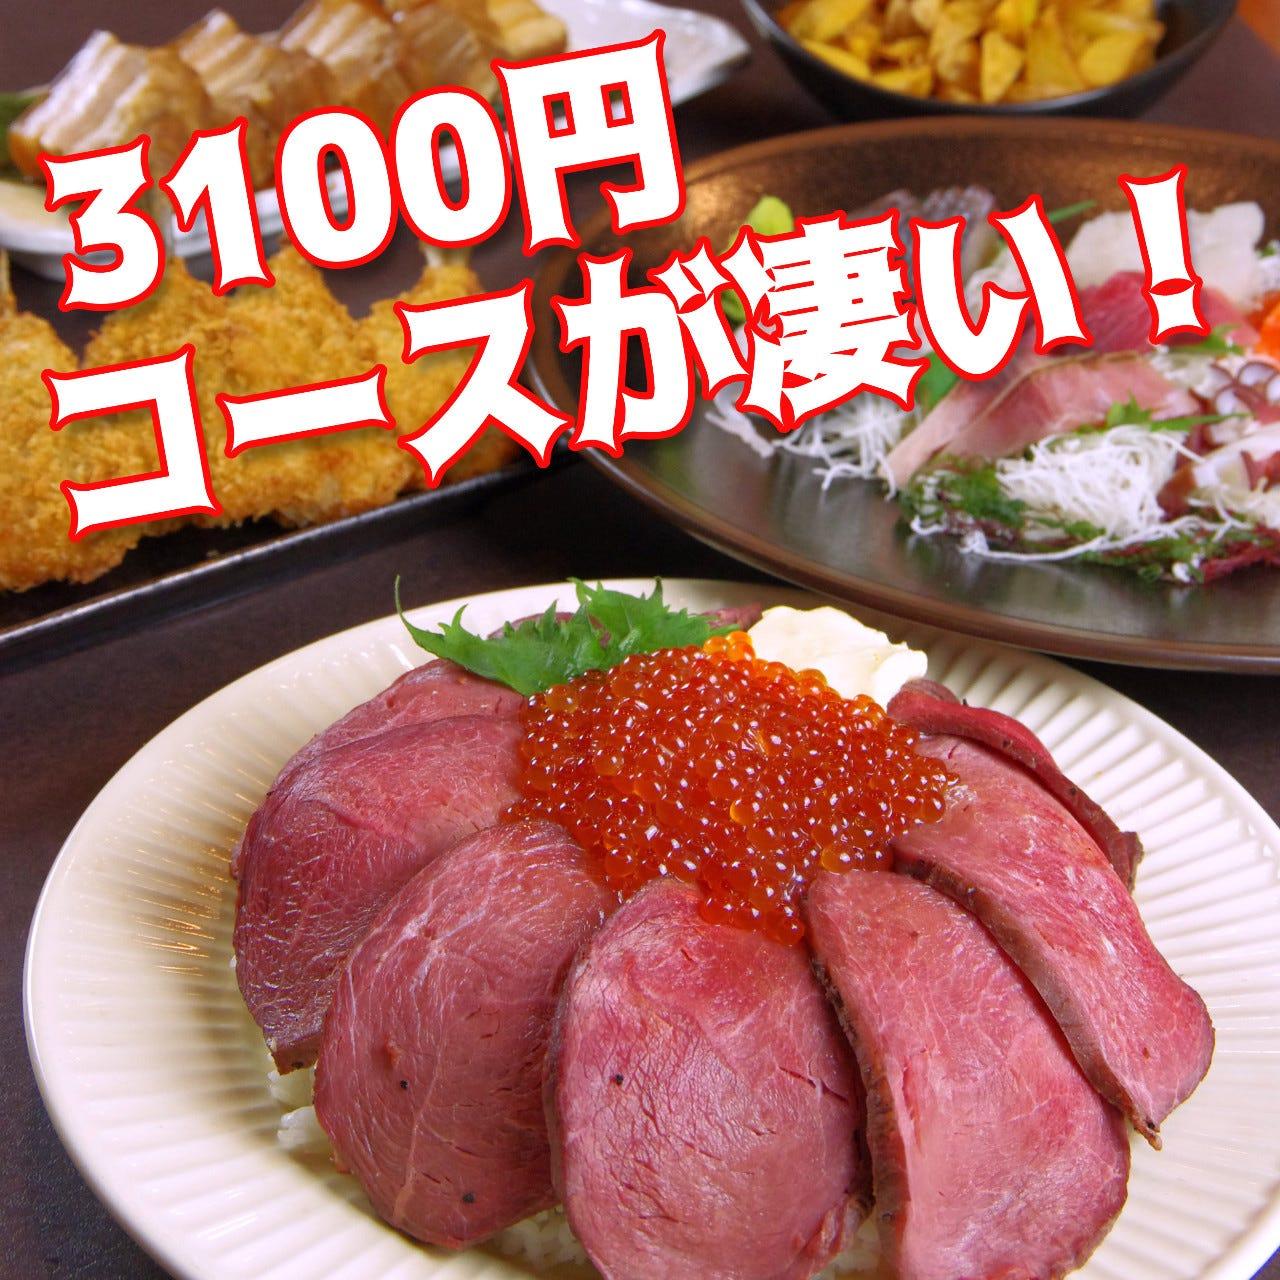 【イチ押し】3時間飲み放題コース3100円☆